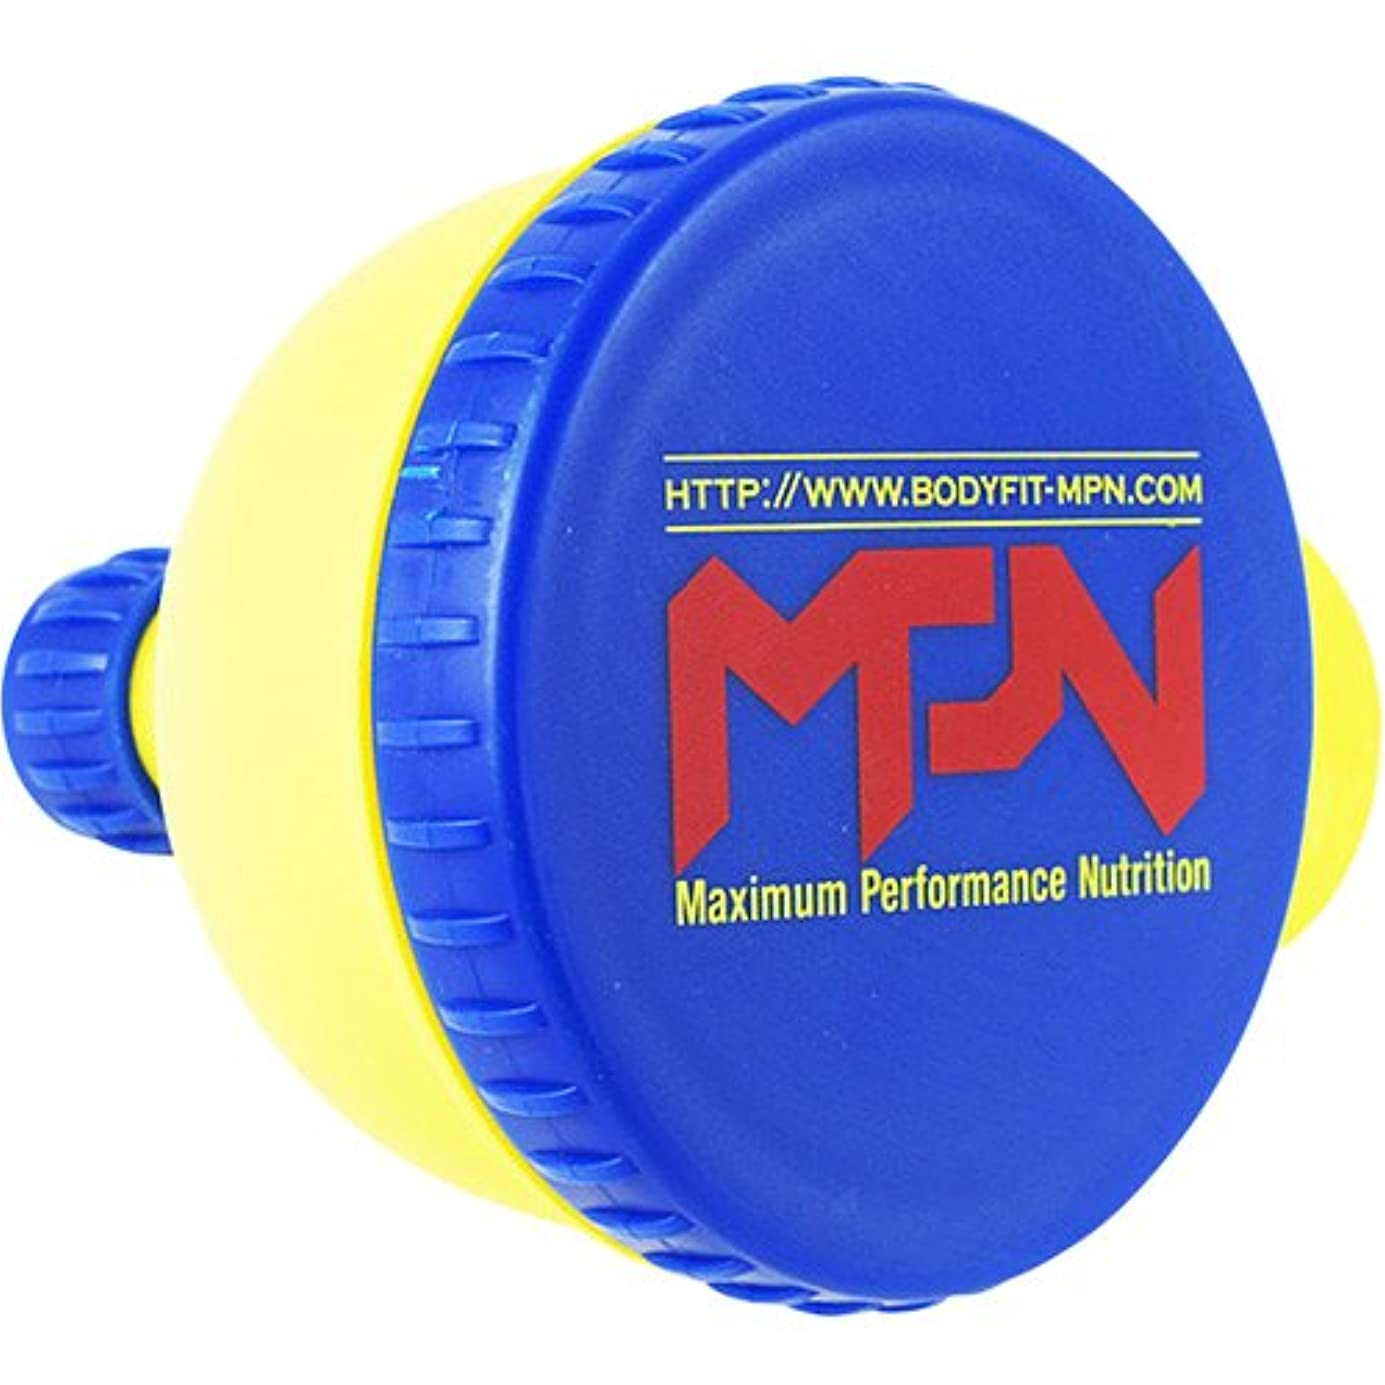 悲鳴ピーブ原子炉ボディフィット MPN ファンネル 粉末サプリメント小分け携帯用漏斗